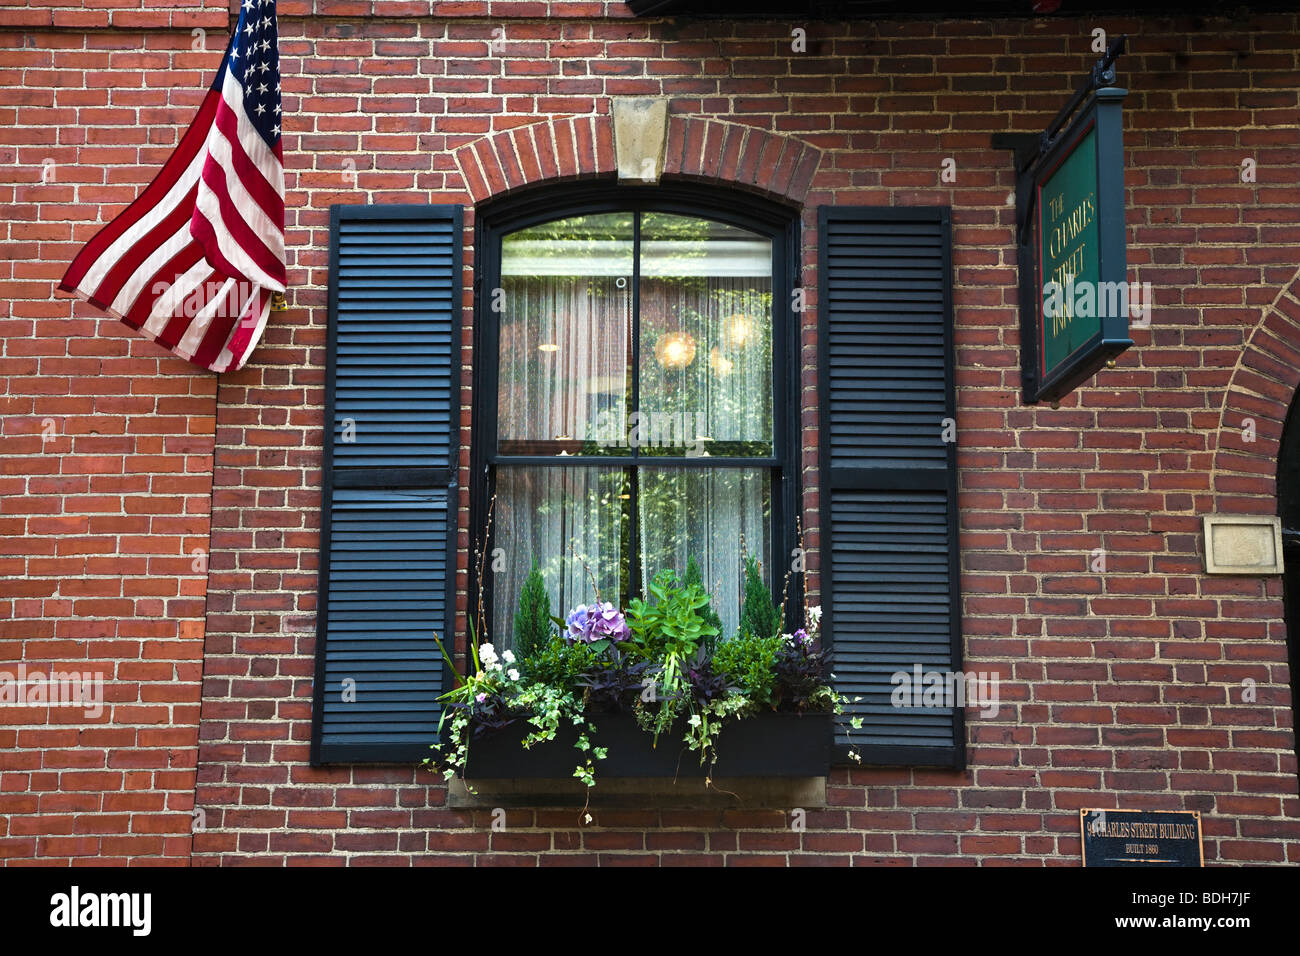 Flower box and American Flag of the CHARLES STREET INN - BOSTON, MASSACHUSETTS - Stock Image